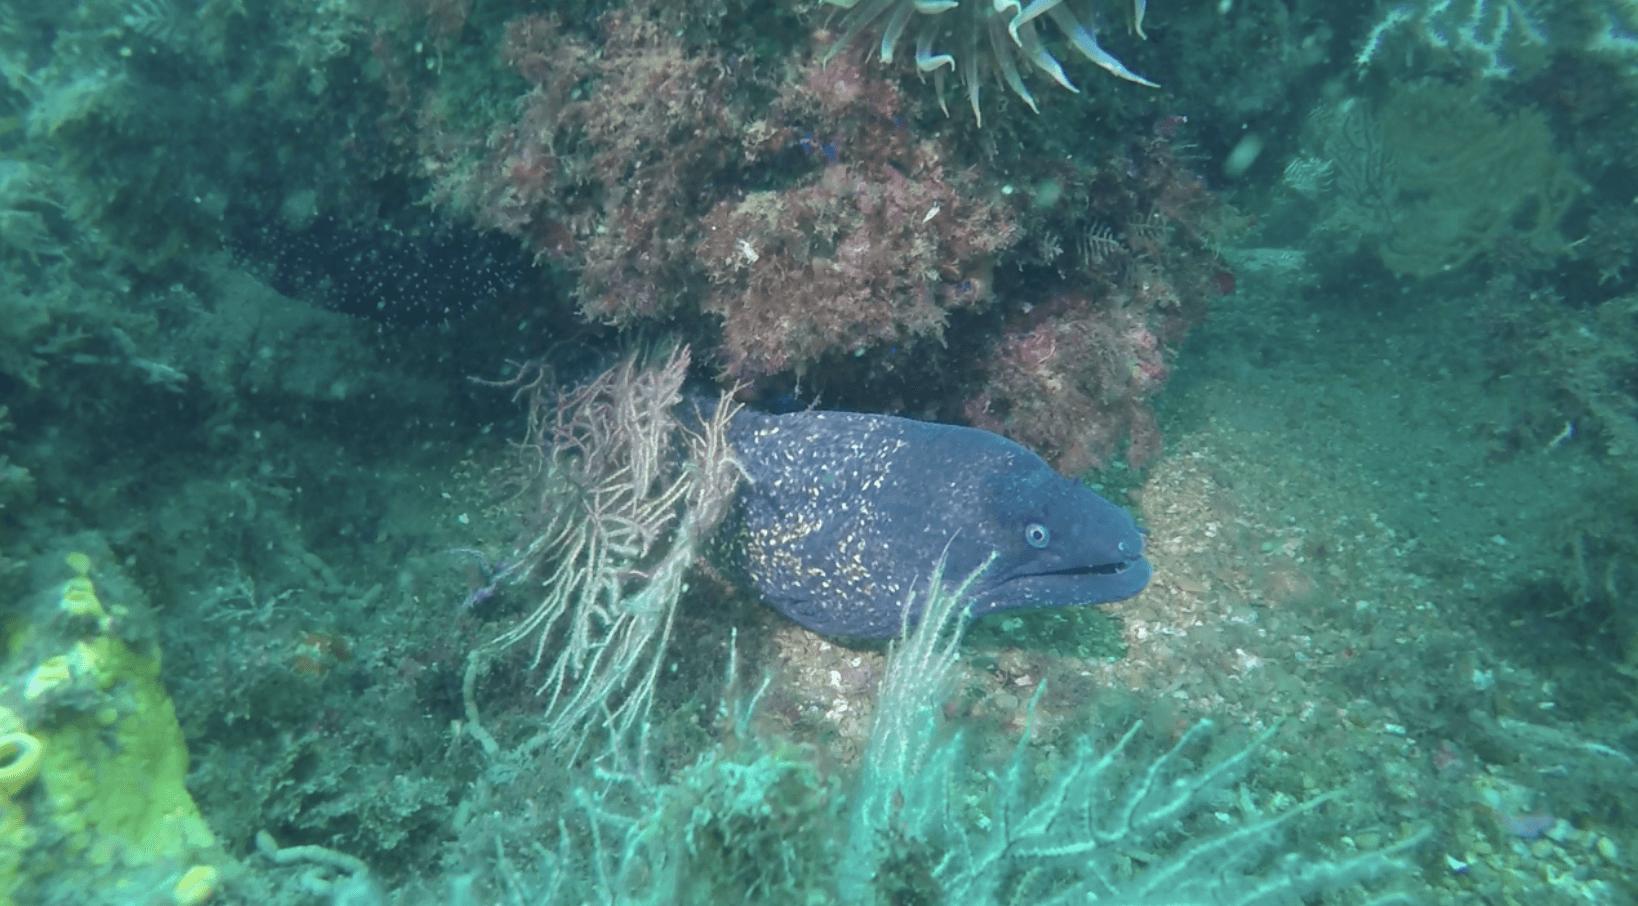 Excursion plongée sous-marine pour plongeurs certifiés.